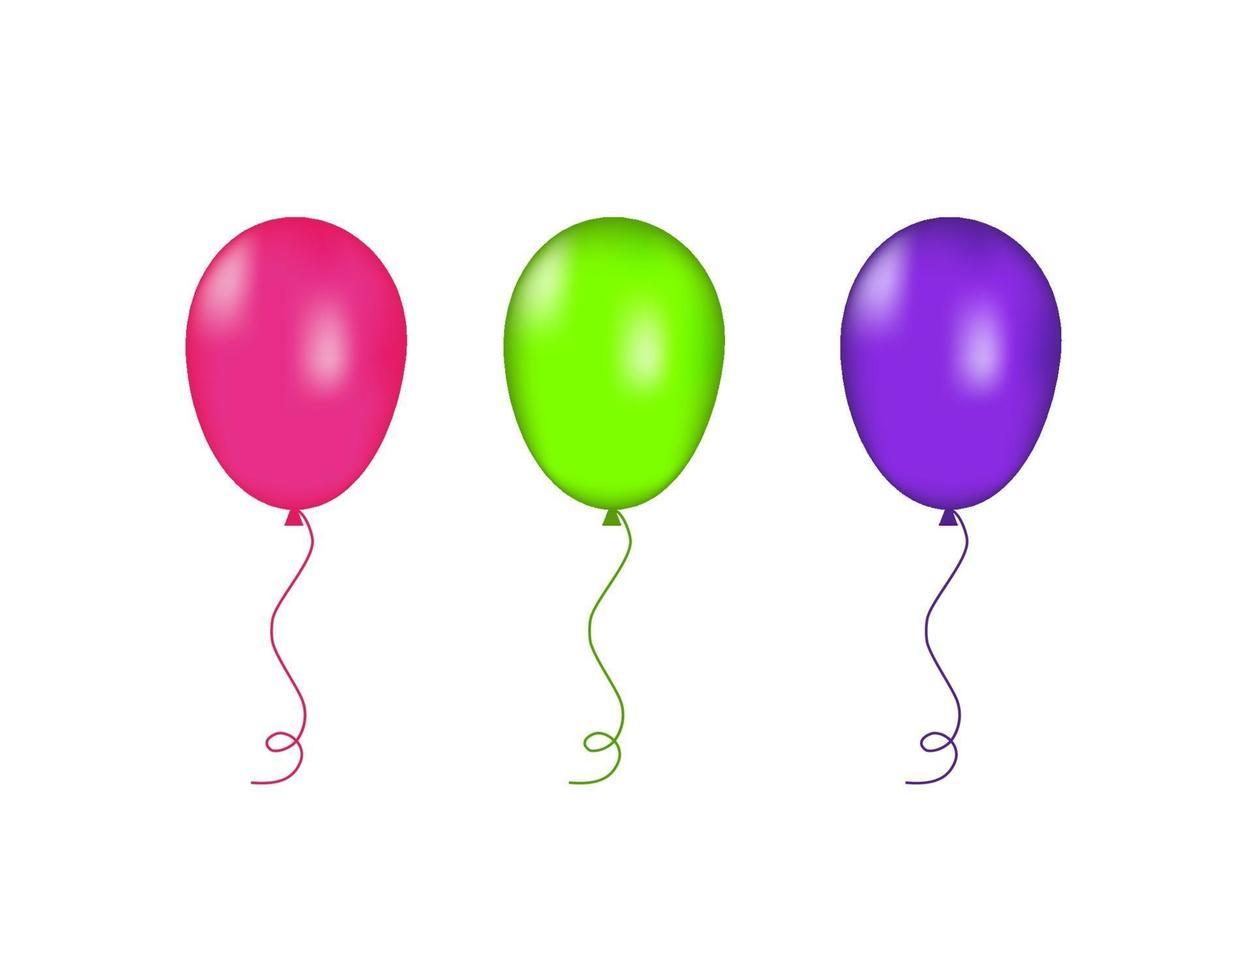 rosa, gröna och lila ballonger isolerade. vektor illustration